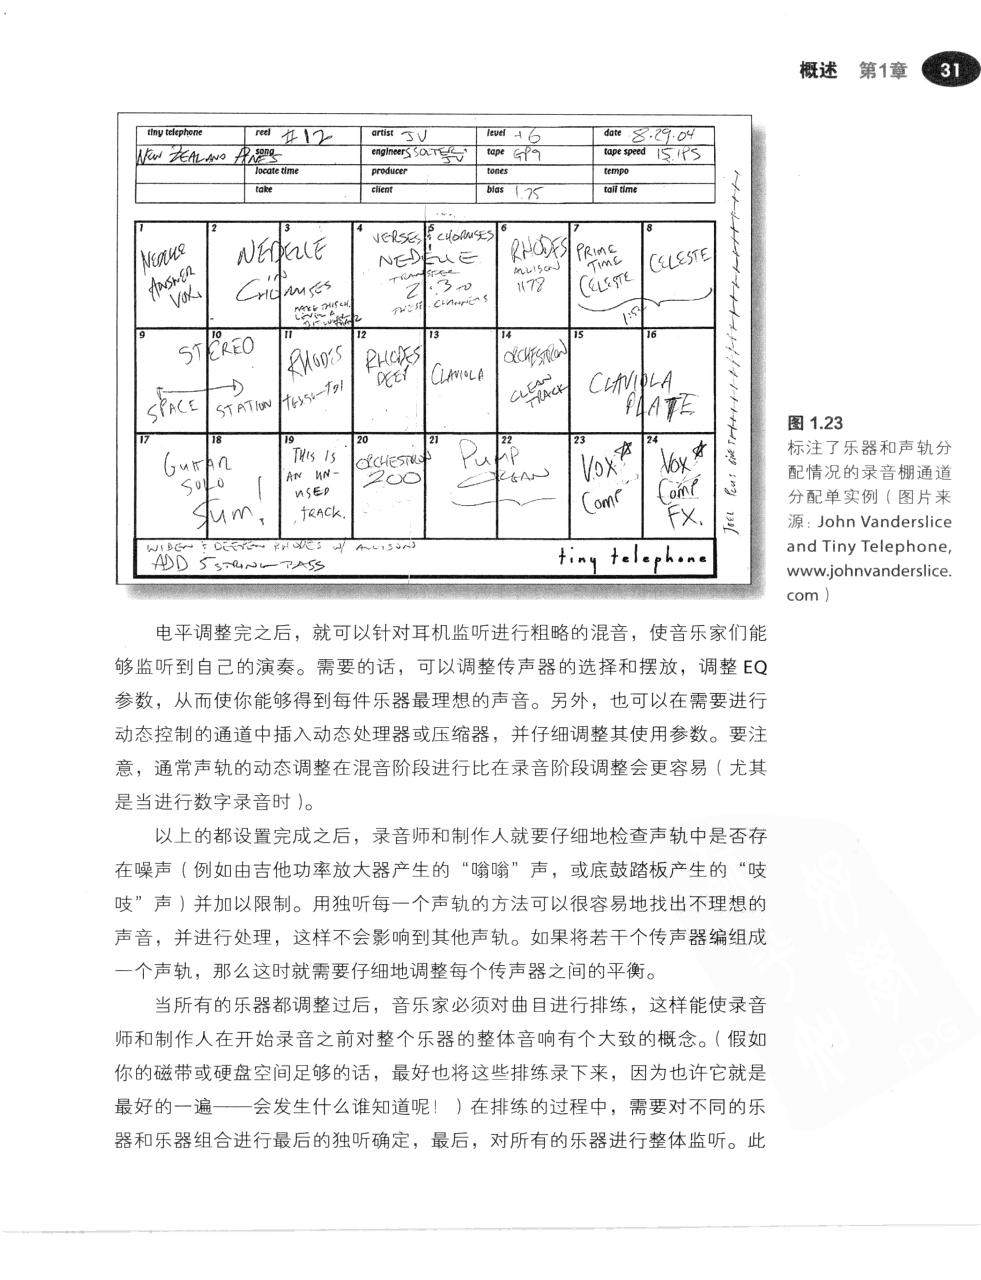 现代录音技术(第7版) 58